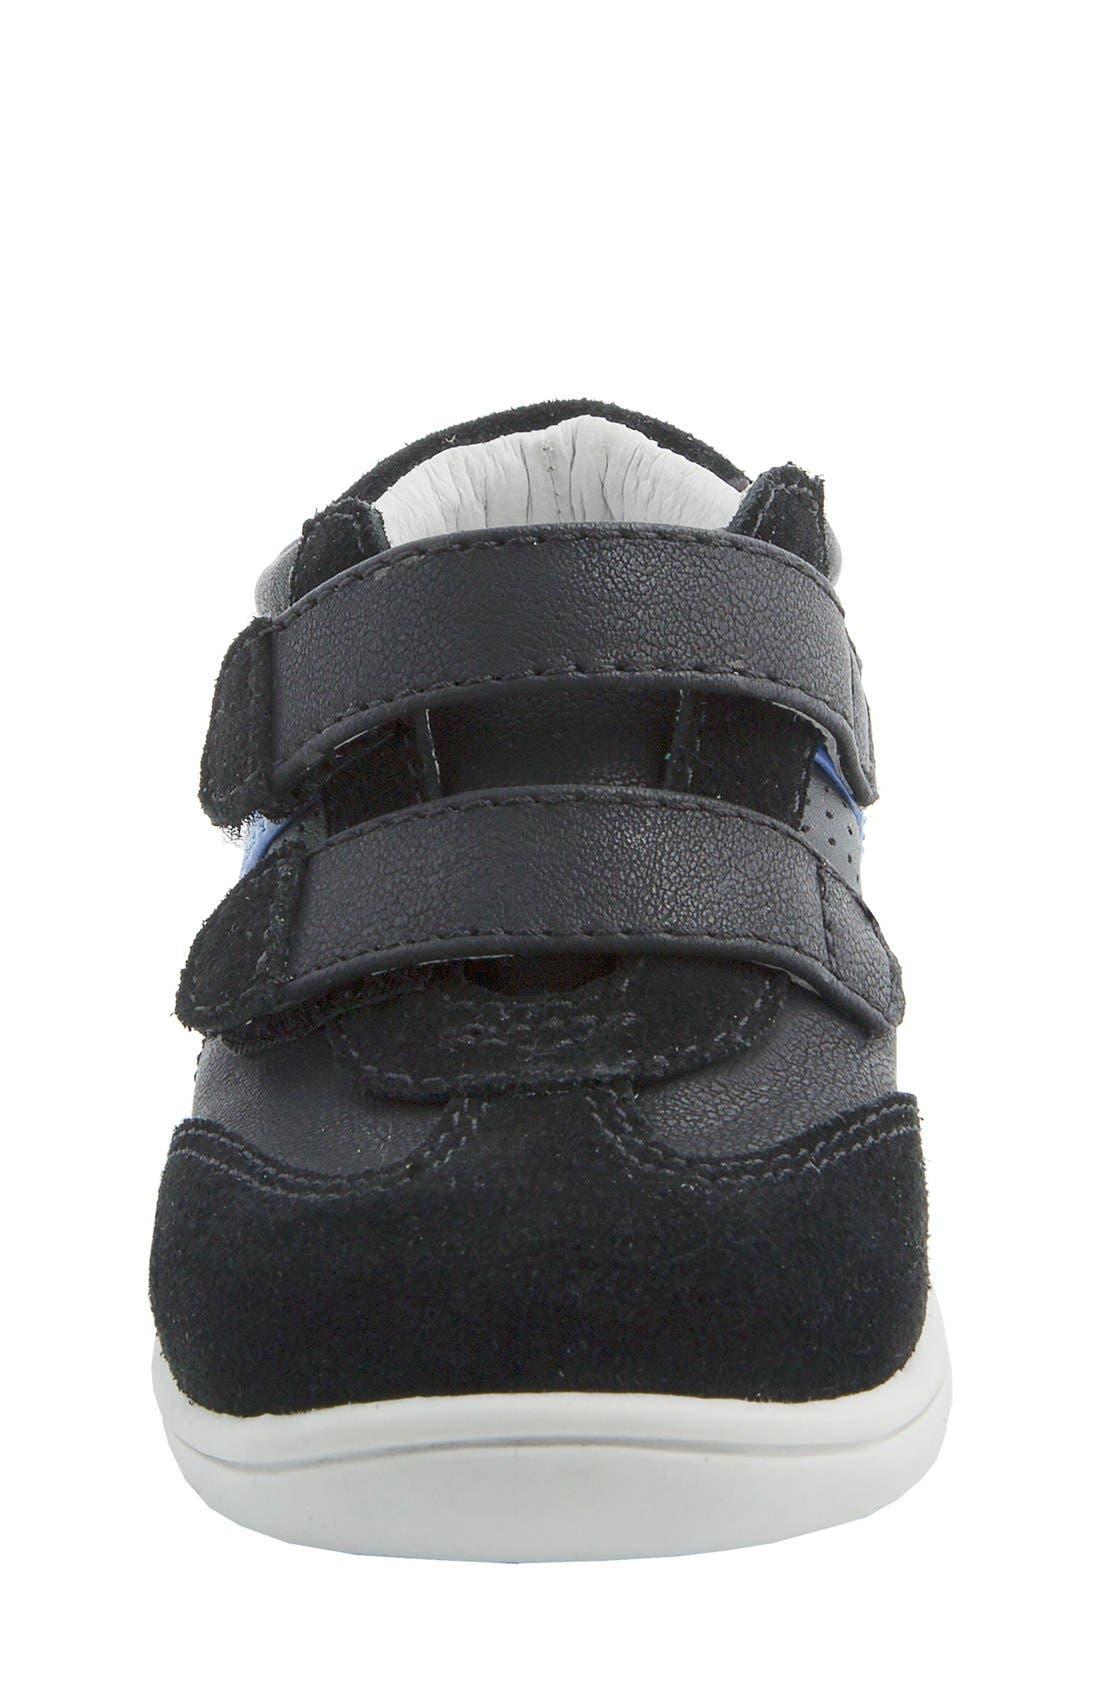 Alternate Image 3  - Nina 'Everest' Sneaker (Baby & Walker)